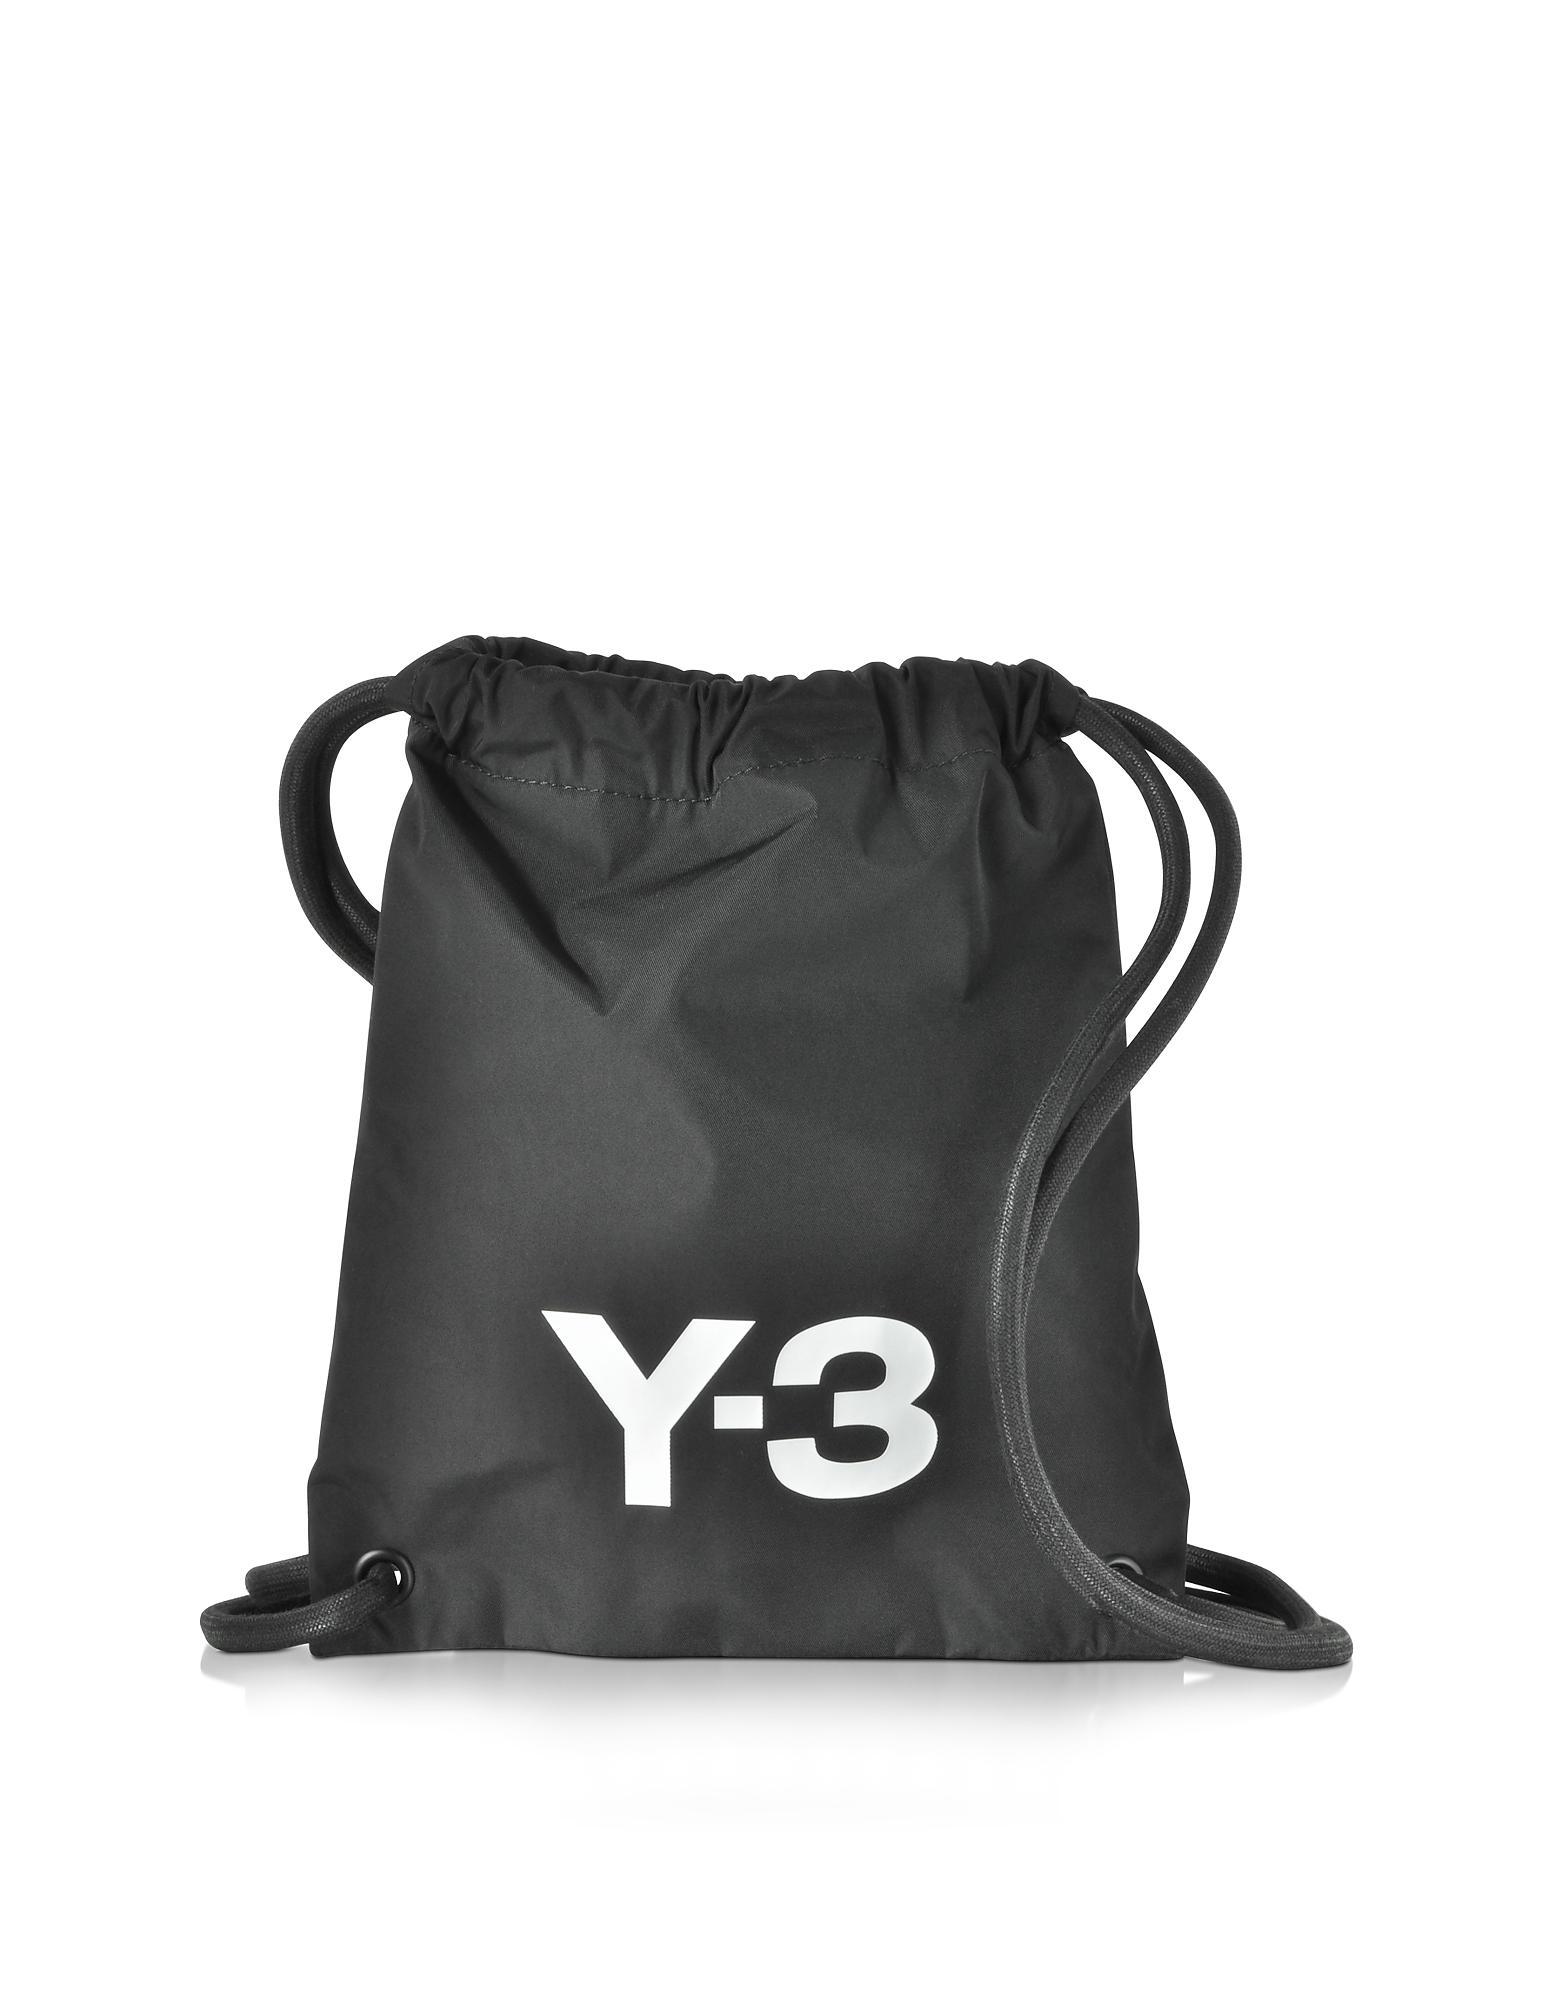 9f5391d51c3b Y-3 Signature Mini Gym Bag in Black for Men - Lyst